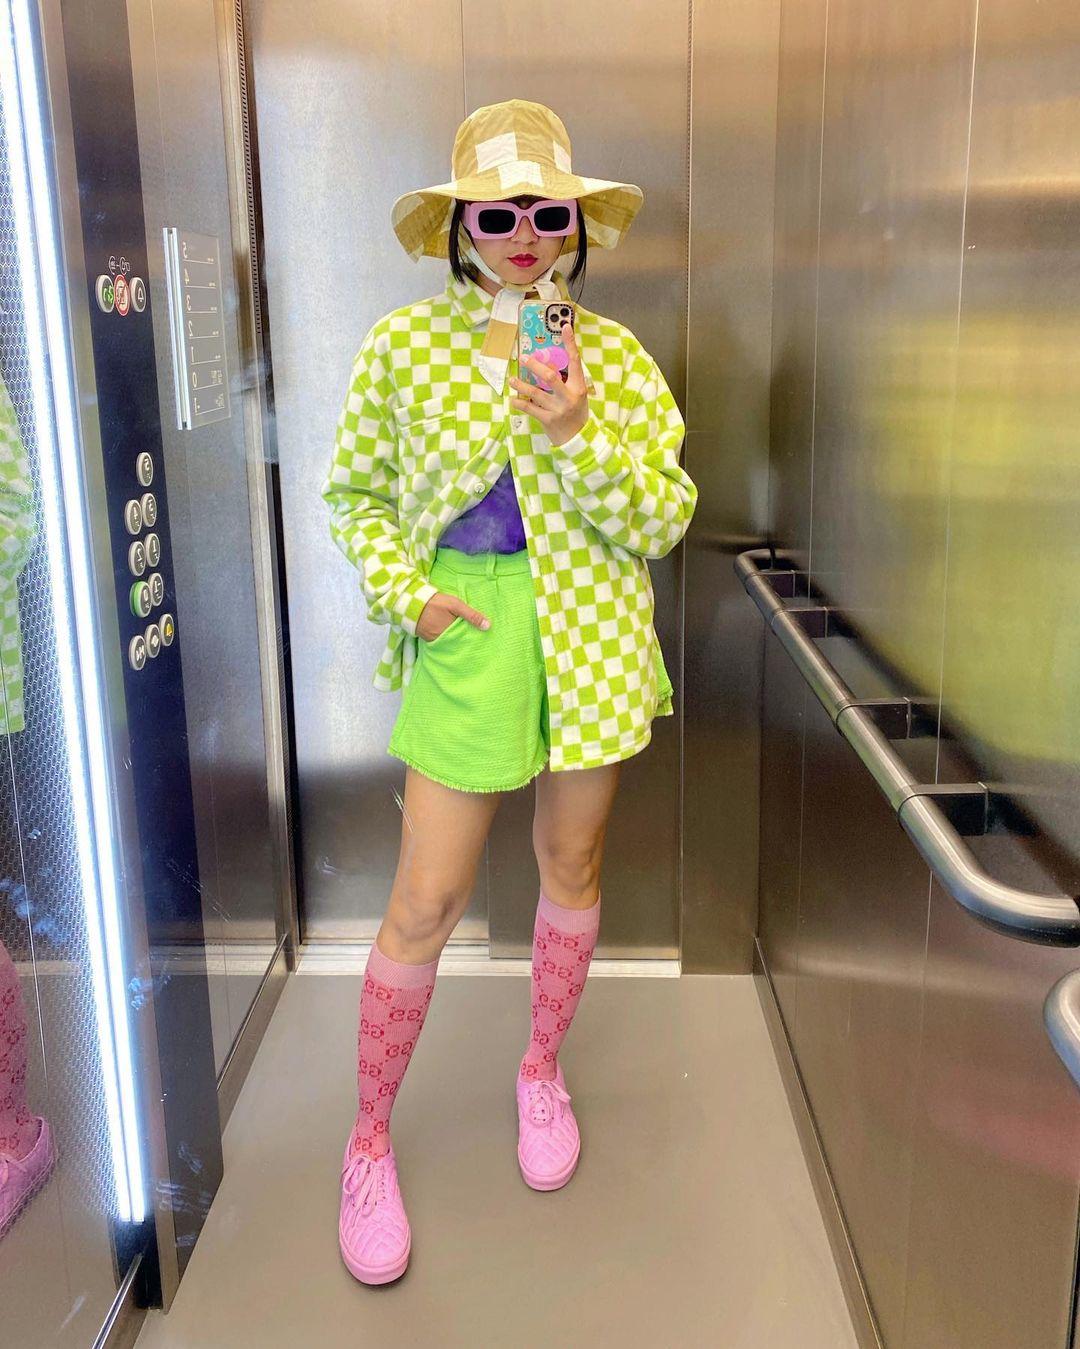 Garota usando casaco xadrez vichy verde com short verde neon, meia rosa até o joelho e tênis rosa, além de um chapéu xadrez vichy amarelo. Ela está em pé, em frente a um espelho, usando óculos de sol cor-de-rosa, com uma das mãos no bolso, e a outra segurando o celular para tirar a foto em frente ao espelho.